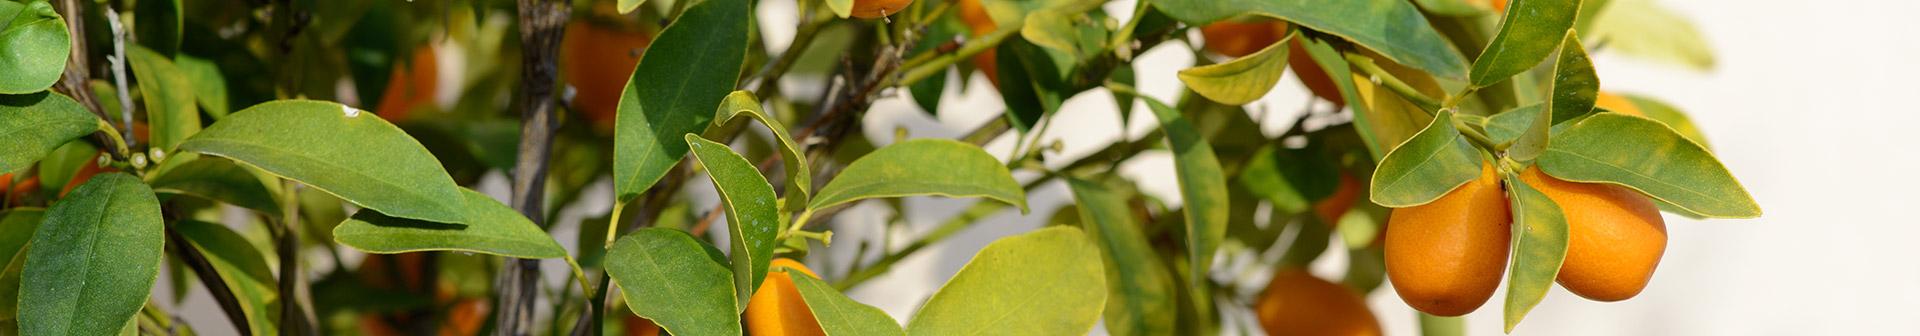 mediterrane_kuebelpflanzen_kaufen_erlangen